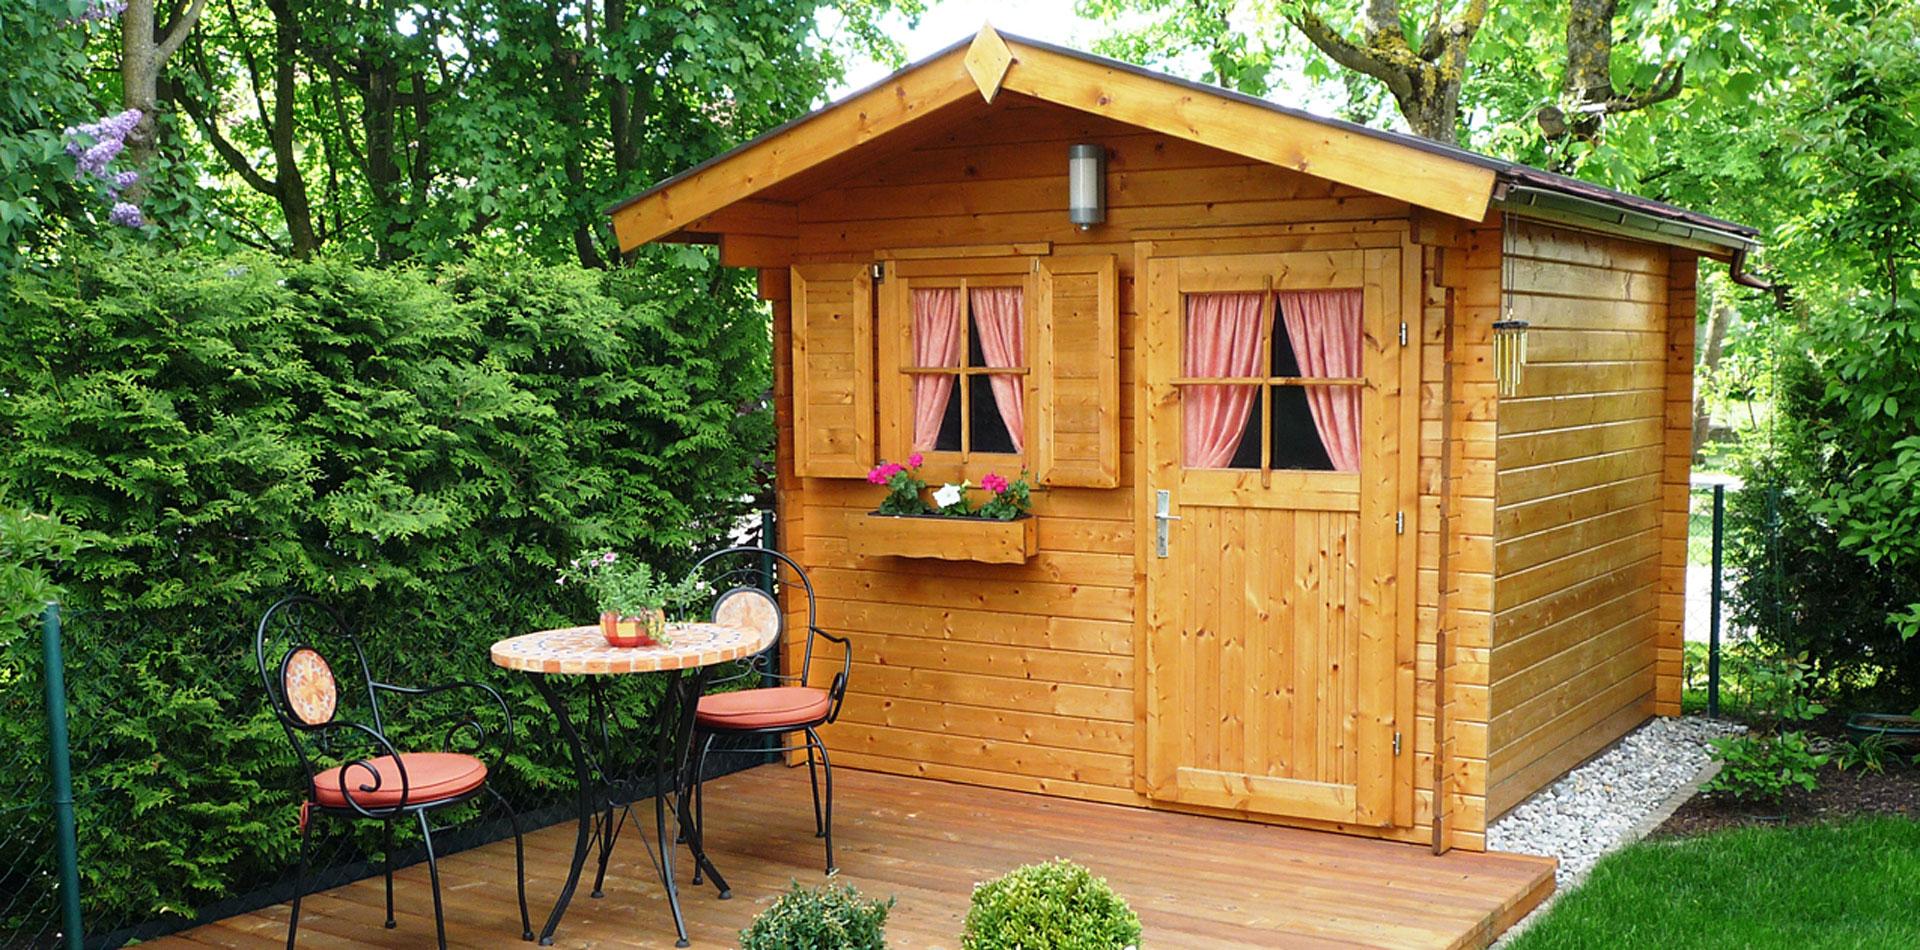 Gartenhaus mit Zubehör für Gartenhäuser, wie Fenster, Fensterladen und Blumenkasten